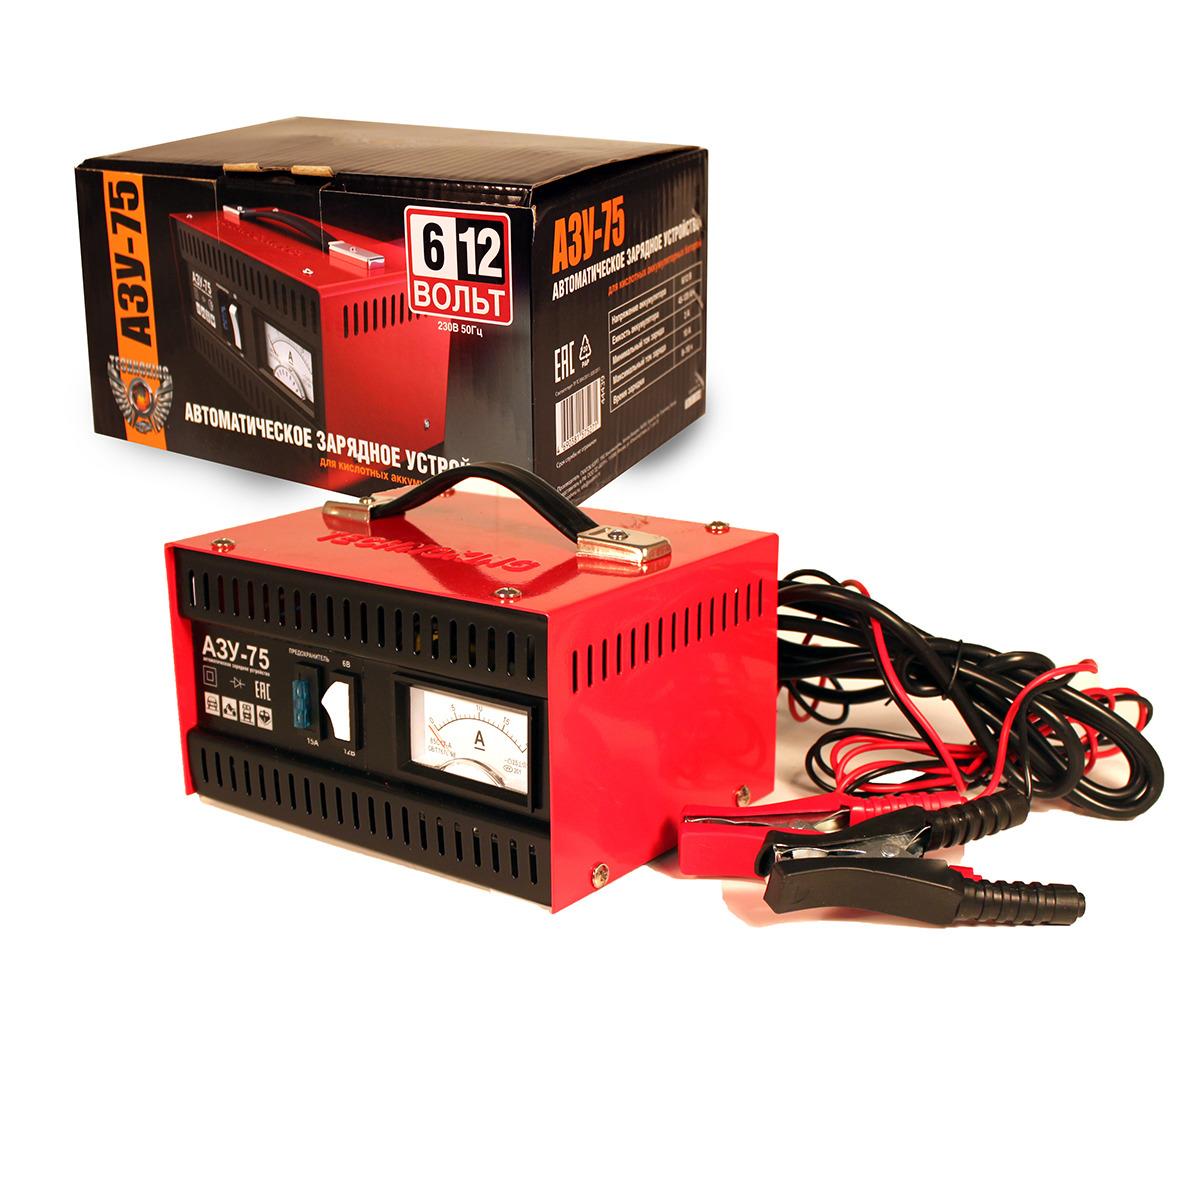 Автомобильное зарядное устройство Technoking АЗУ-75, для аккумуляторов 6/12 В, 10 А, 44439, красный автомобильное зарядное устройство technoking зу 75и для аккумуляторов 6 12 в 10 а 46430 красный